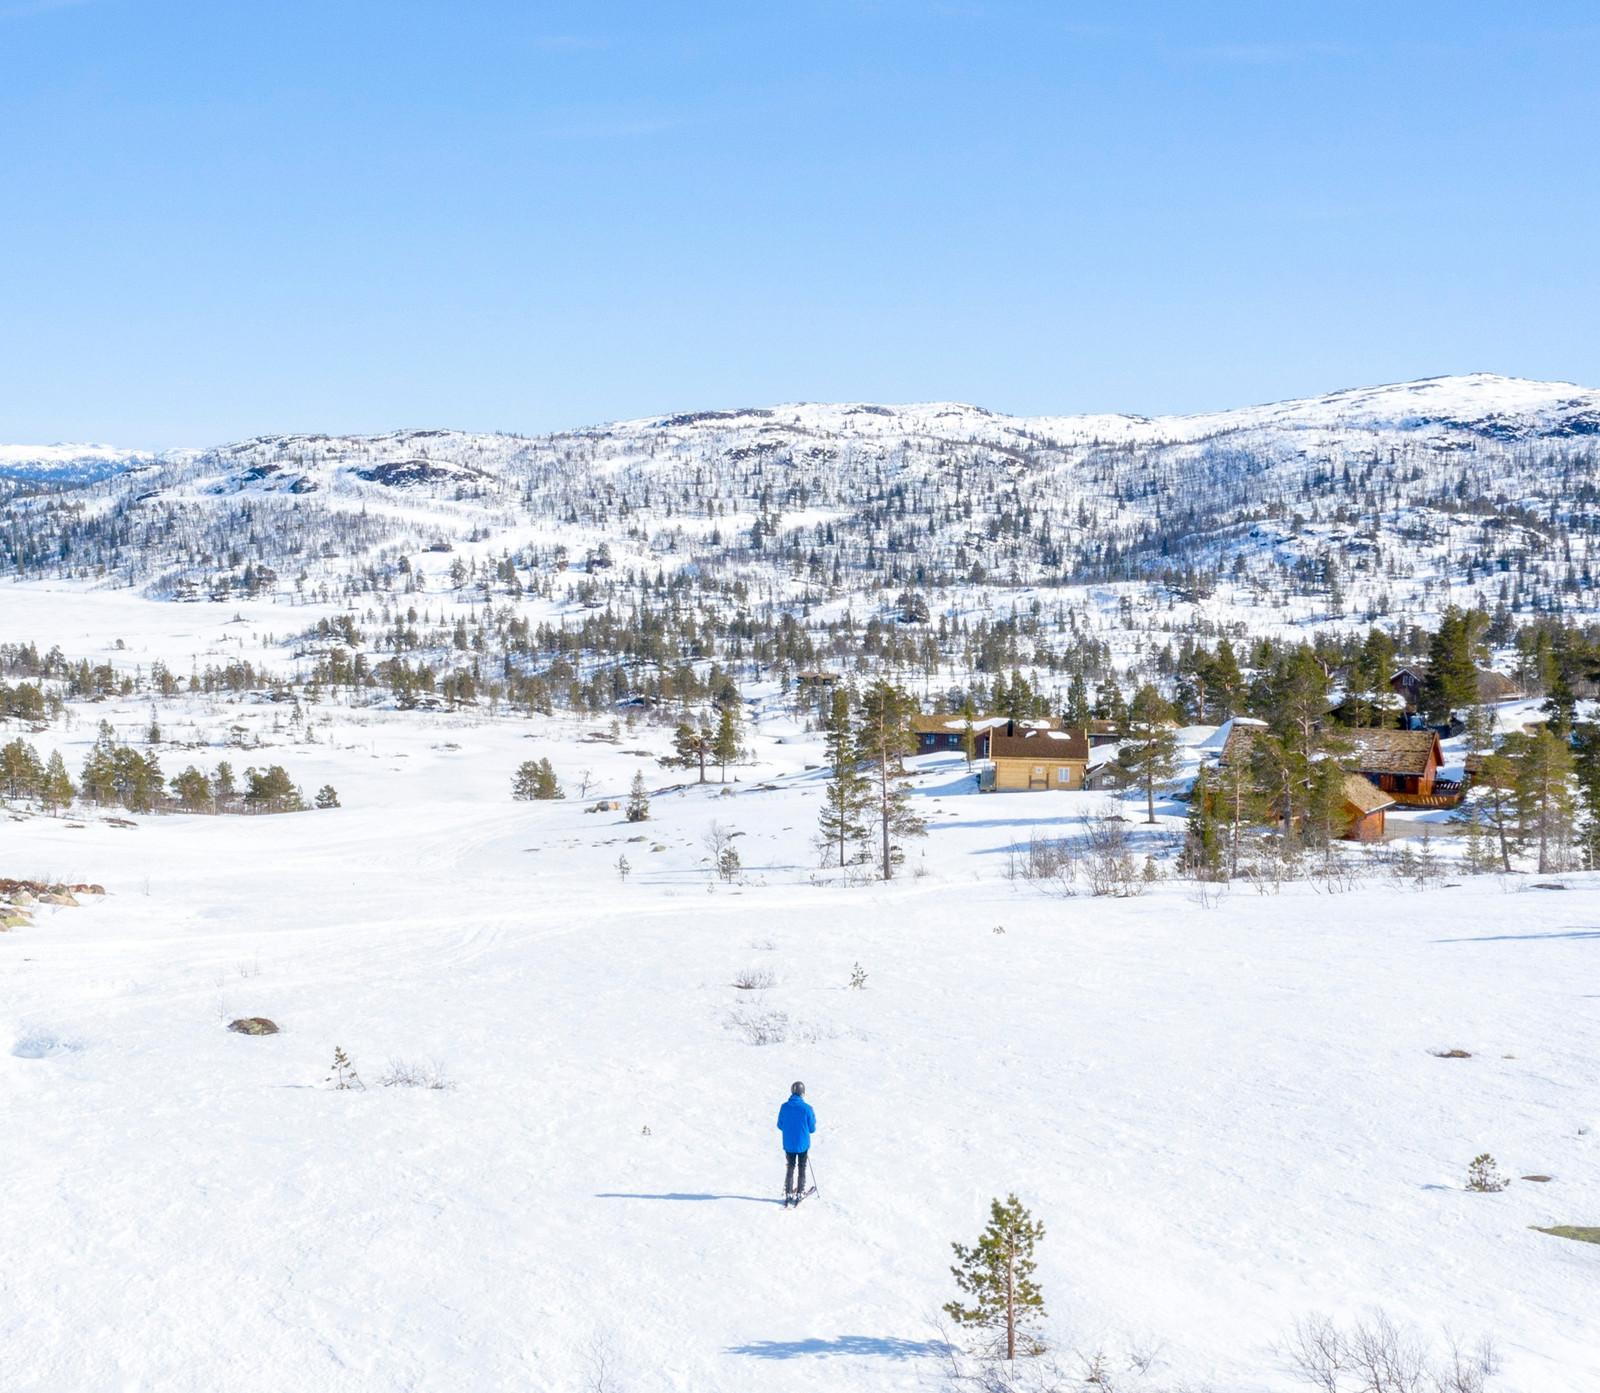 Annonsert tomt som er med i prisen er litt i front på skiløper i bilde.